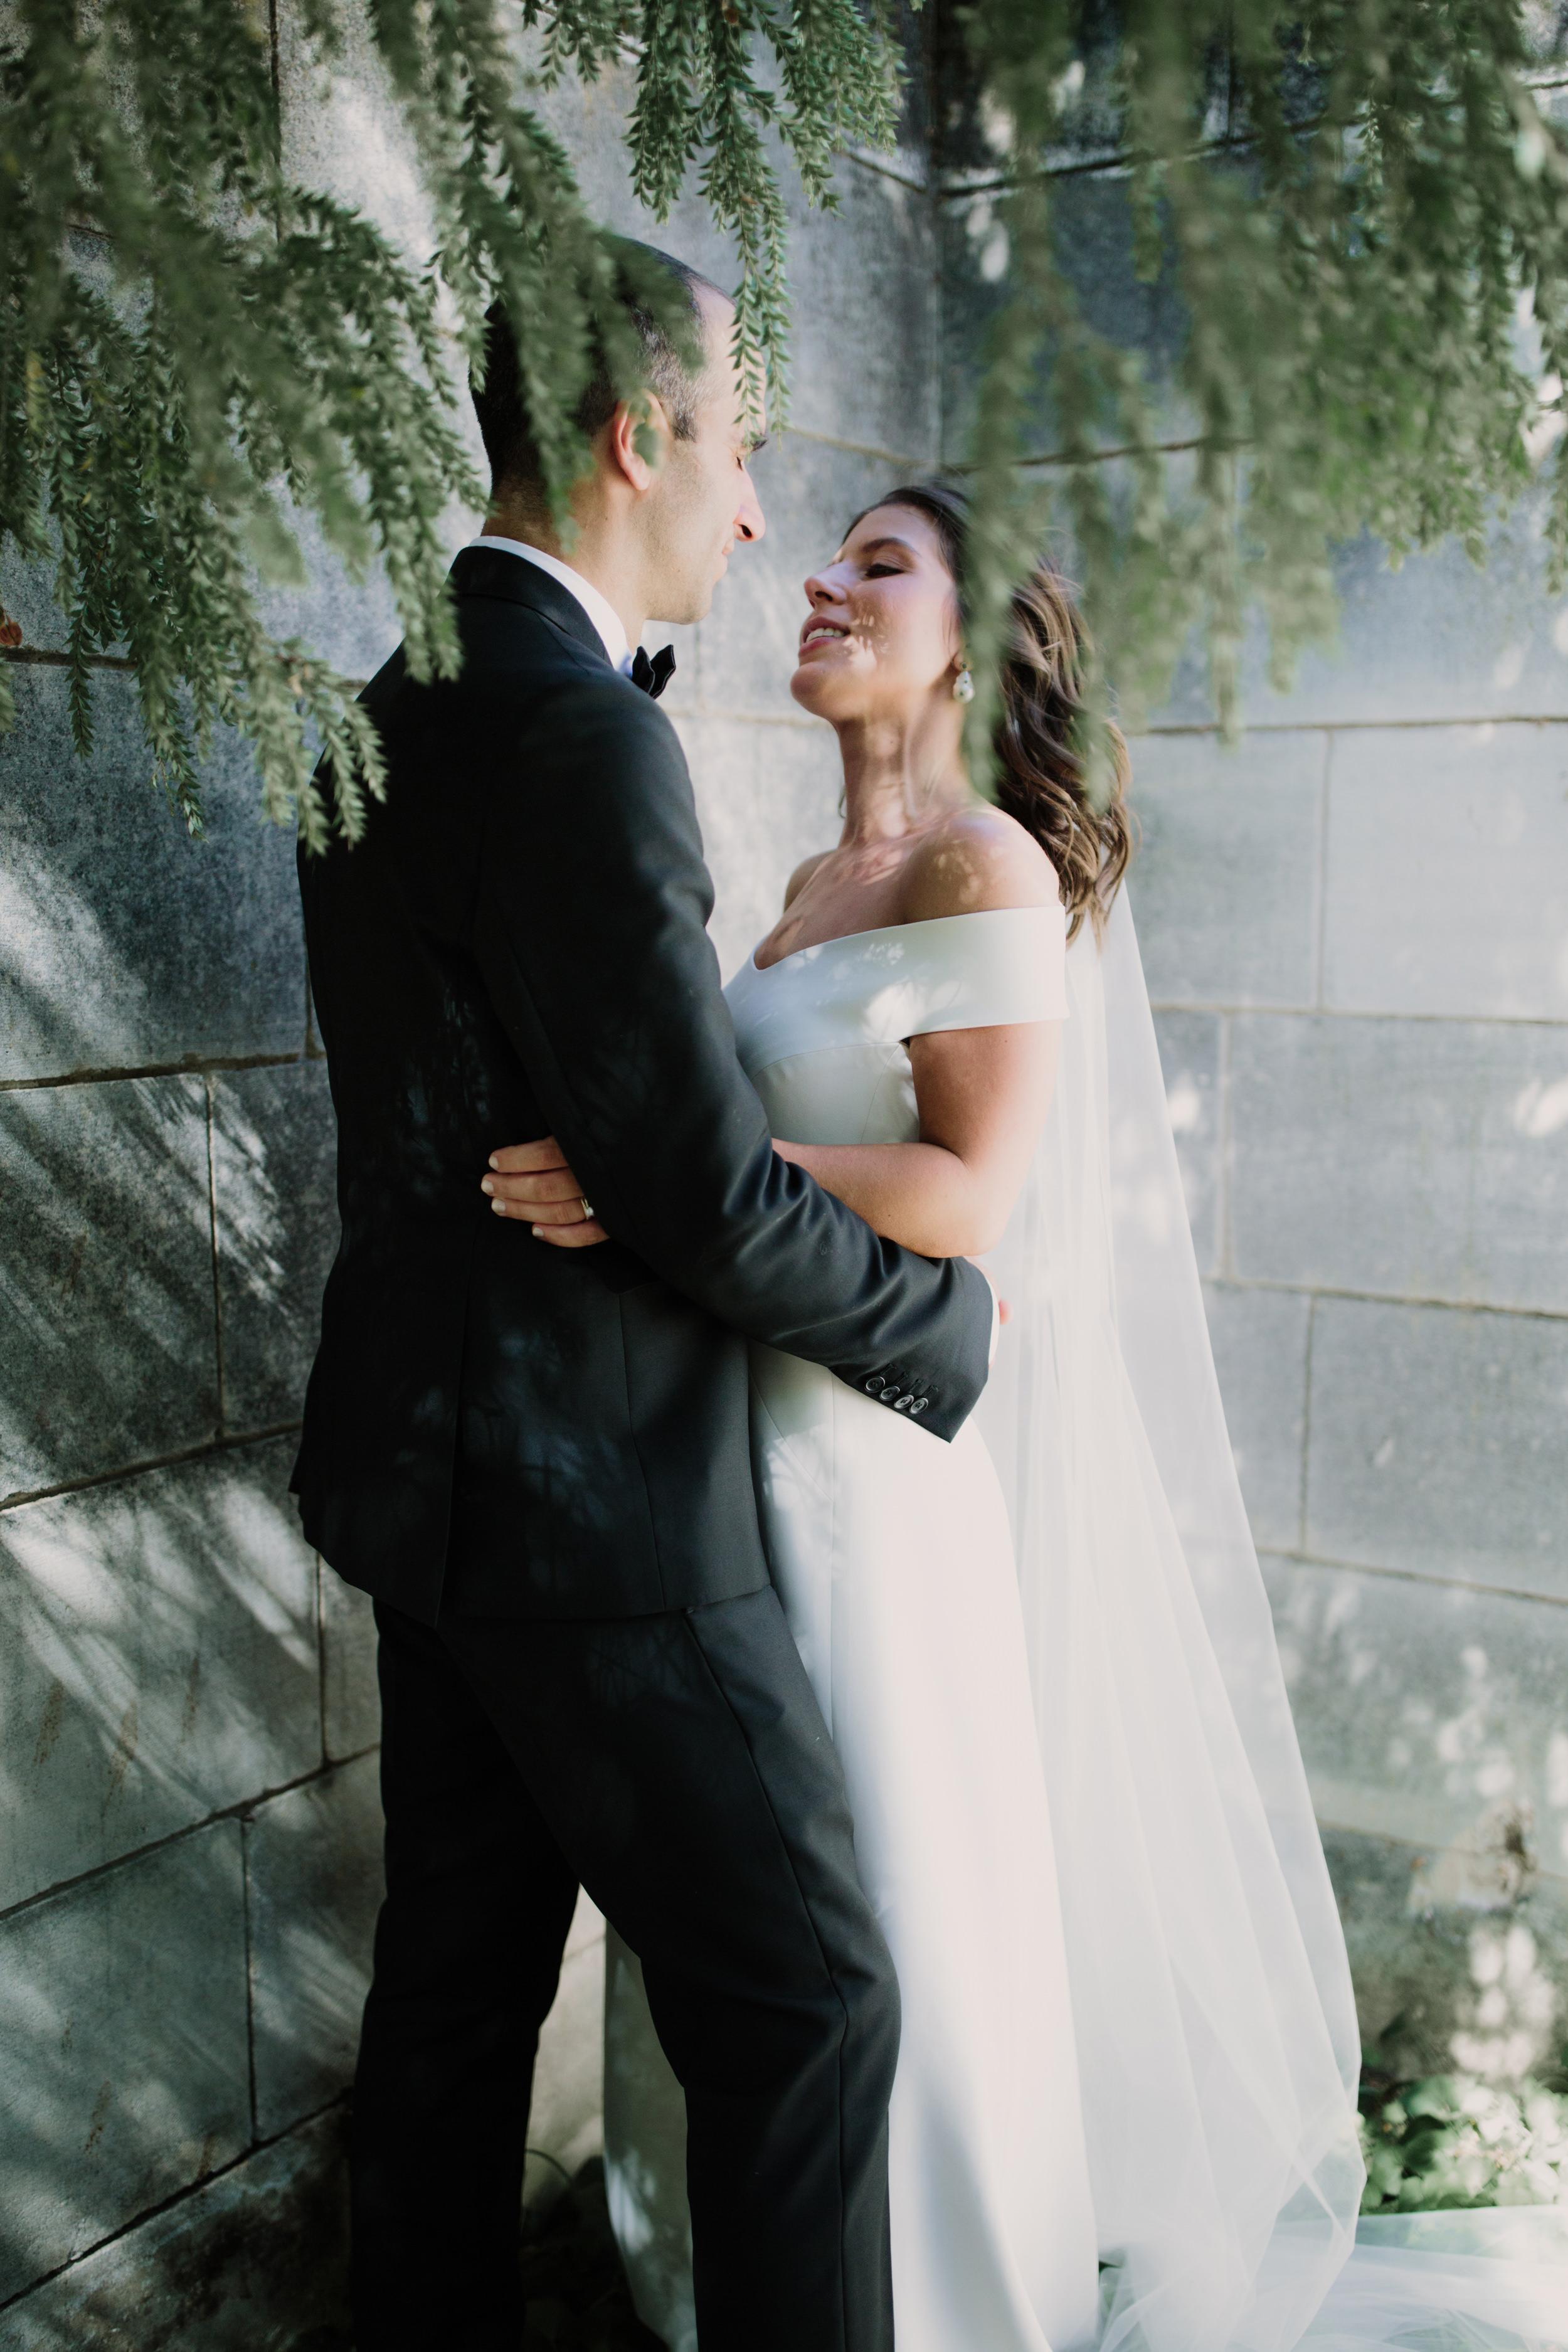 I-Got-You-Babe-Weddings-Flo-Jez-Heide-Boyd-Robyn0133.JPG